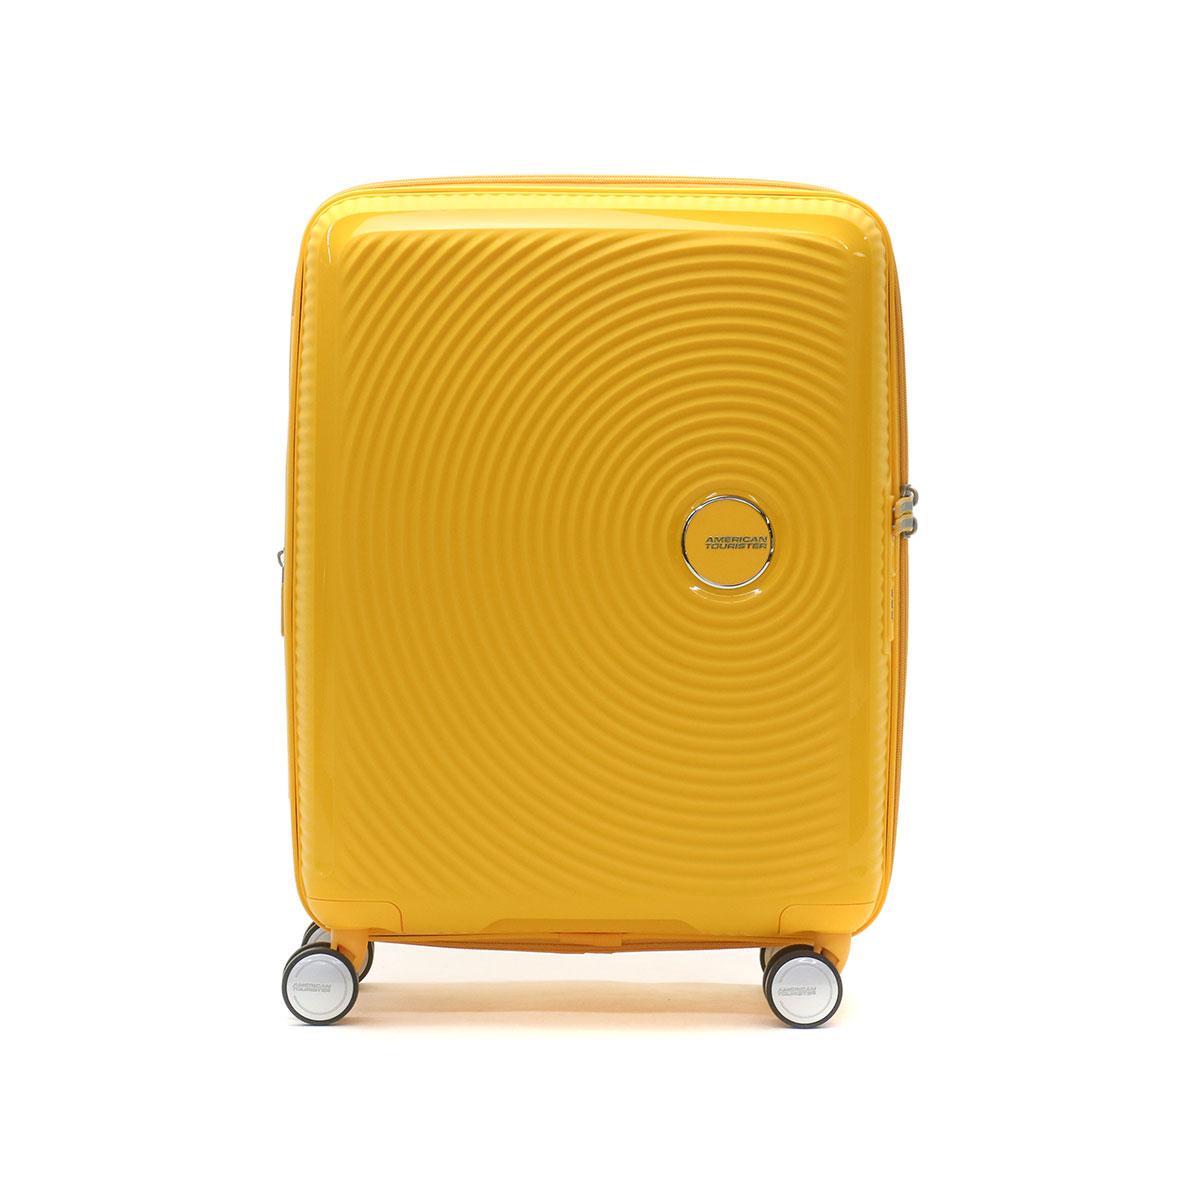 AMERICAN TOURISTER アメリカンツーリスター スピナー55 エキスパンダブル 機内持ち込み対応スーツケース 35L 41L 32G-001